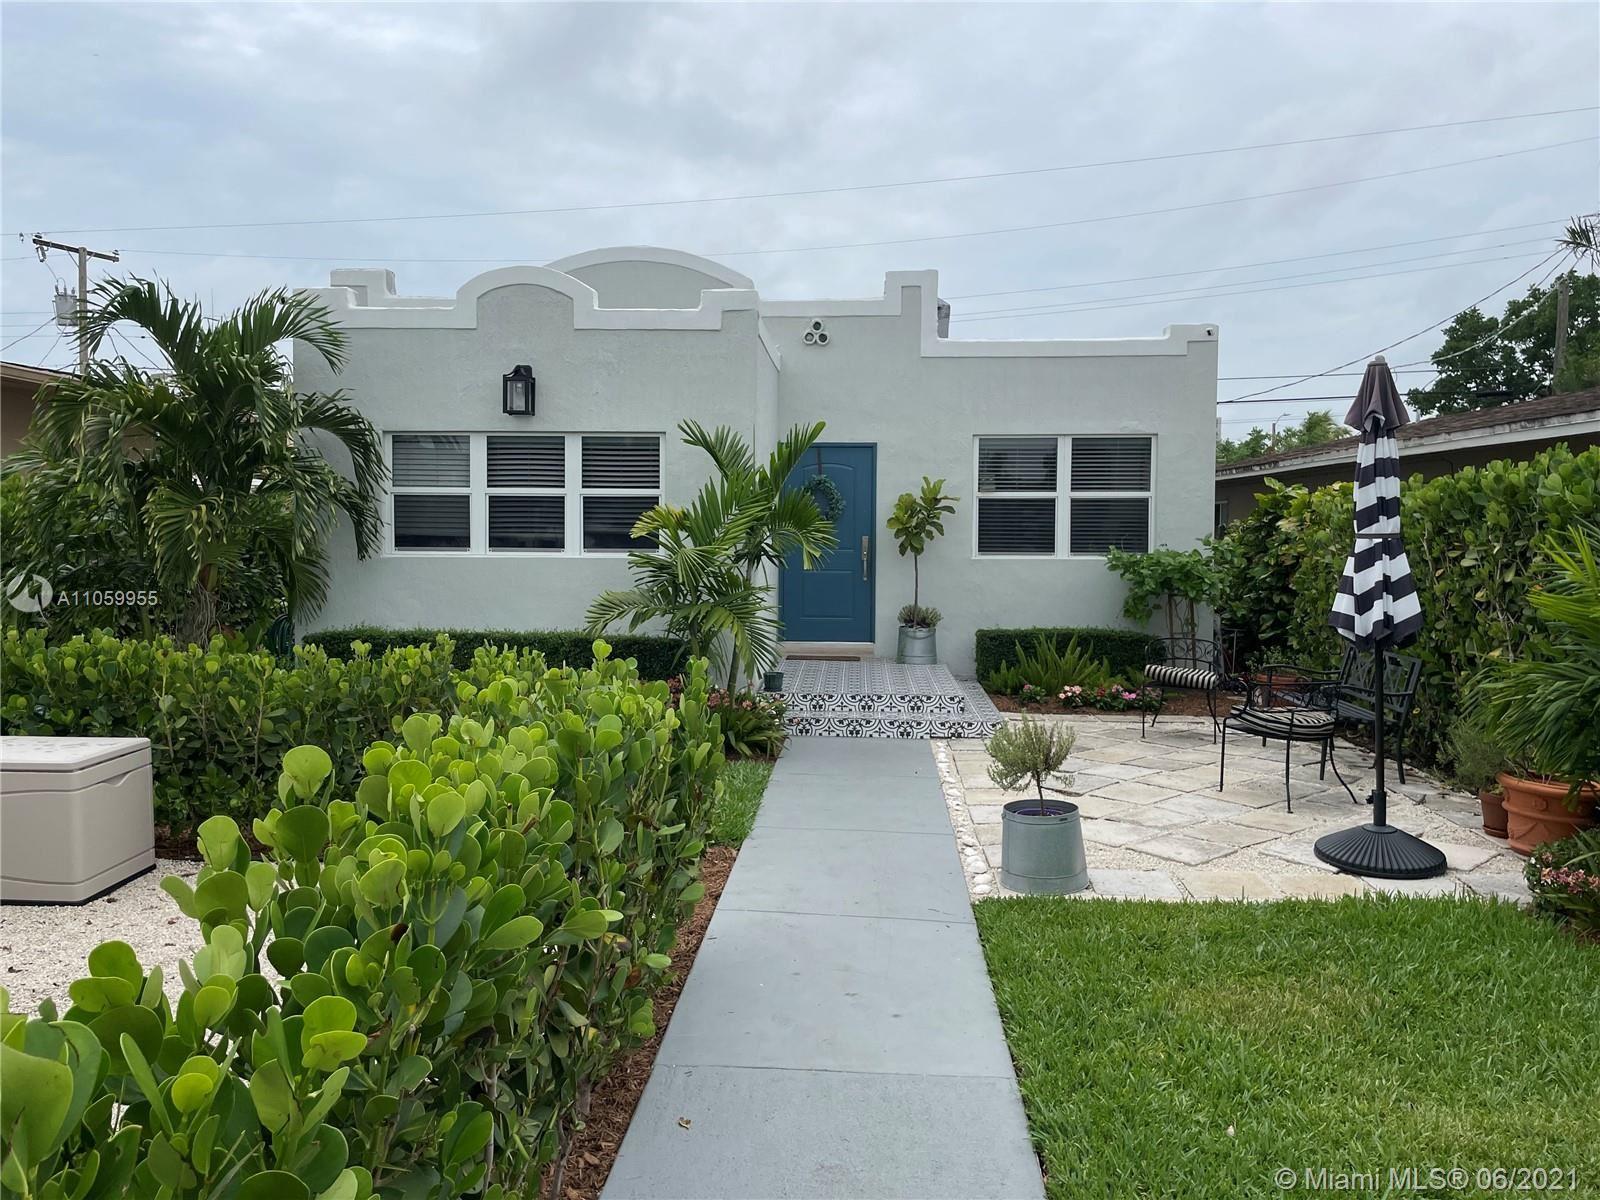 3540 SW 24th Ter, Miami, FL 33145 - #: A11059955